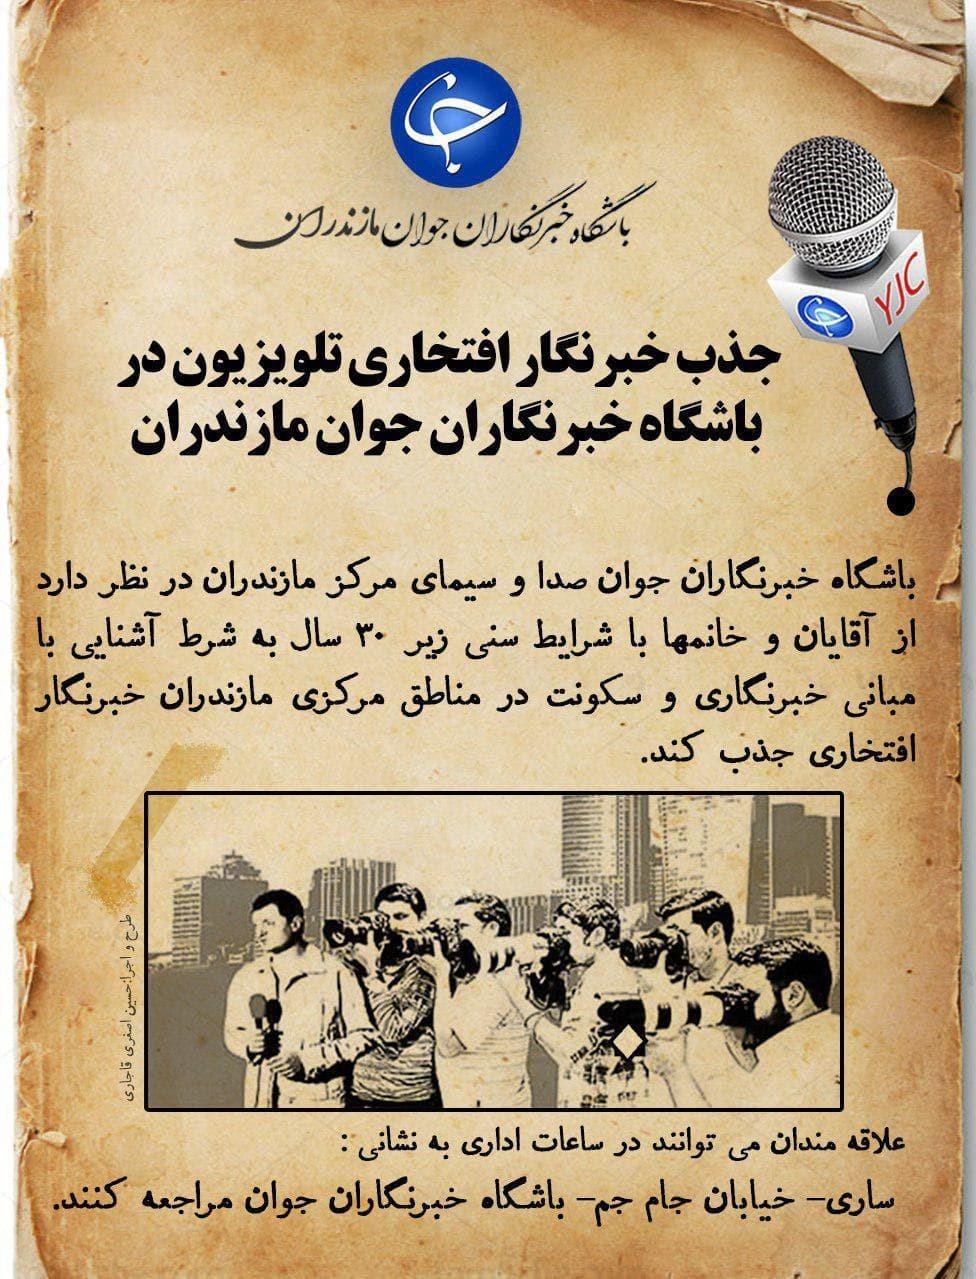 اطلاعیه جذب نیرو در باشگاه خبرنگاران جوان مازندران